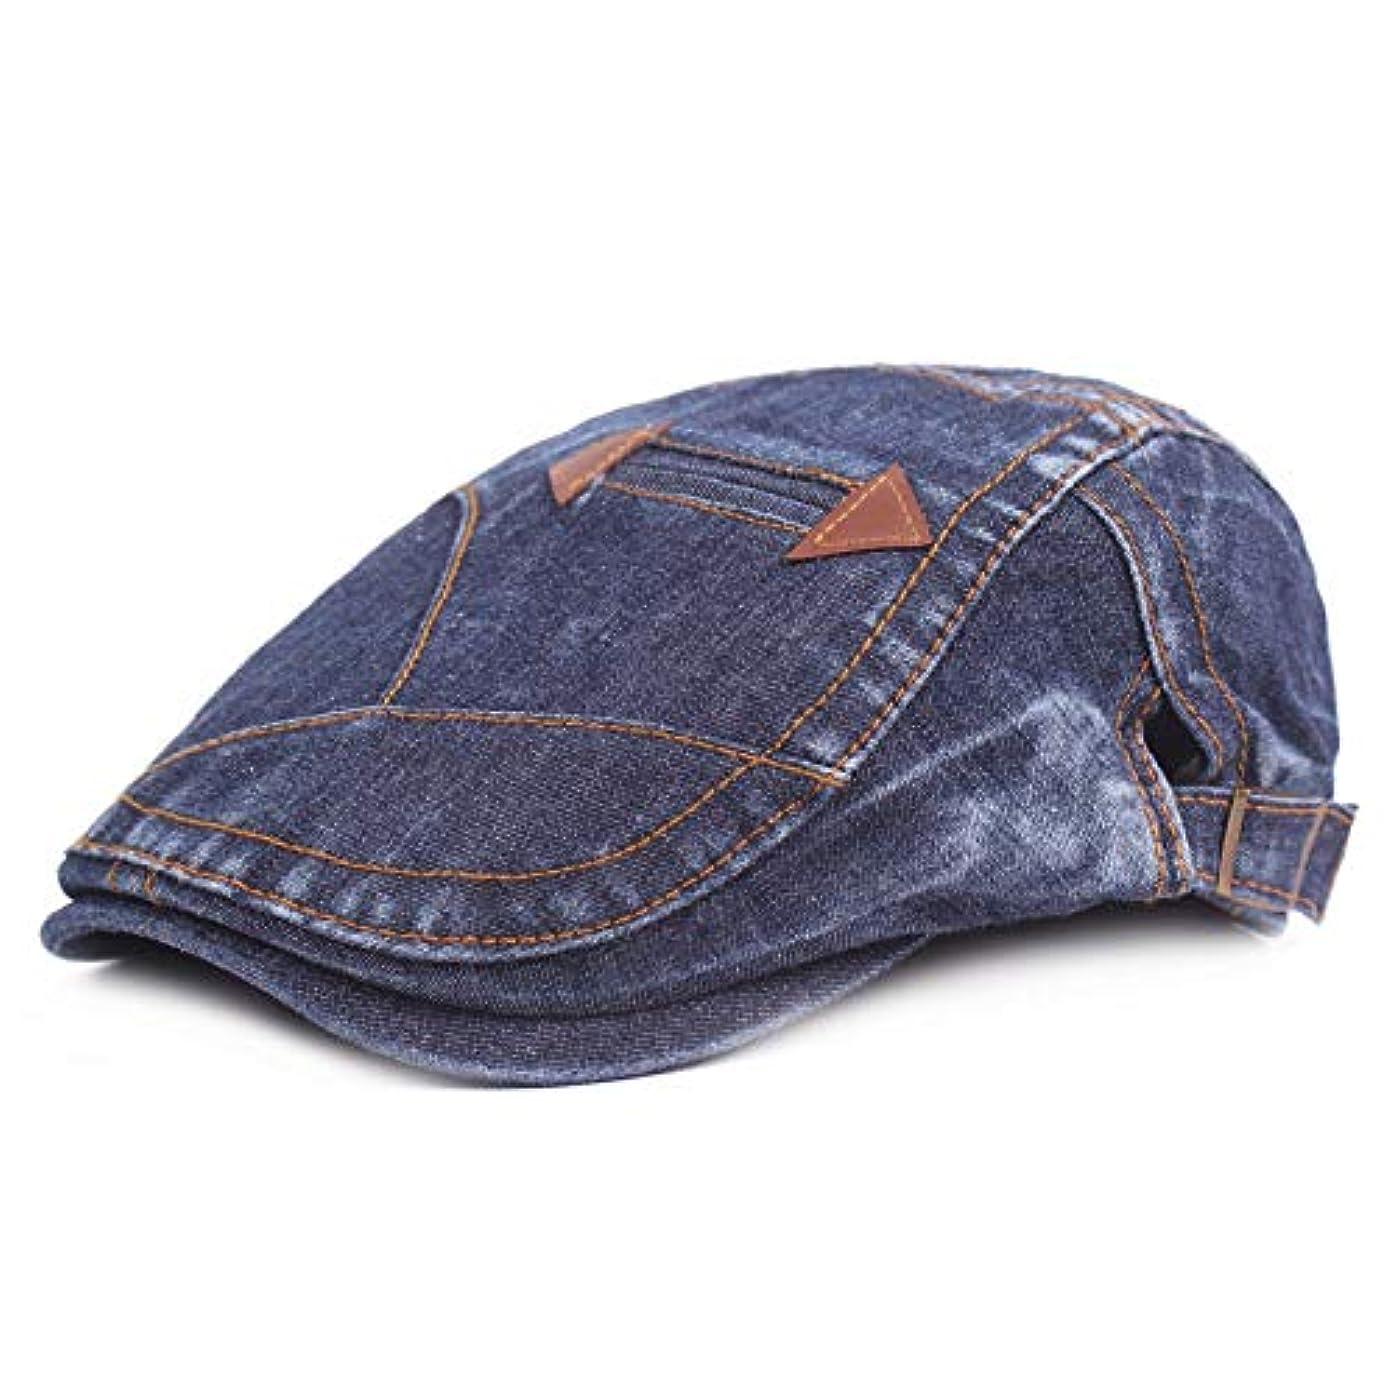 灌漑お気に入りすずめベレー帽 ユニセックス おしゃれ 綿 ハンチング帽子 紫外線対策調節可能 日よけ 帽子